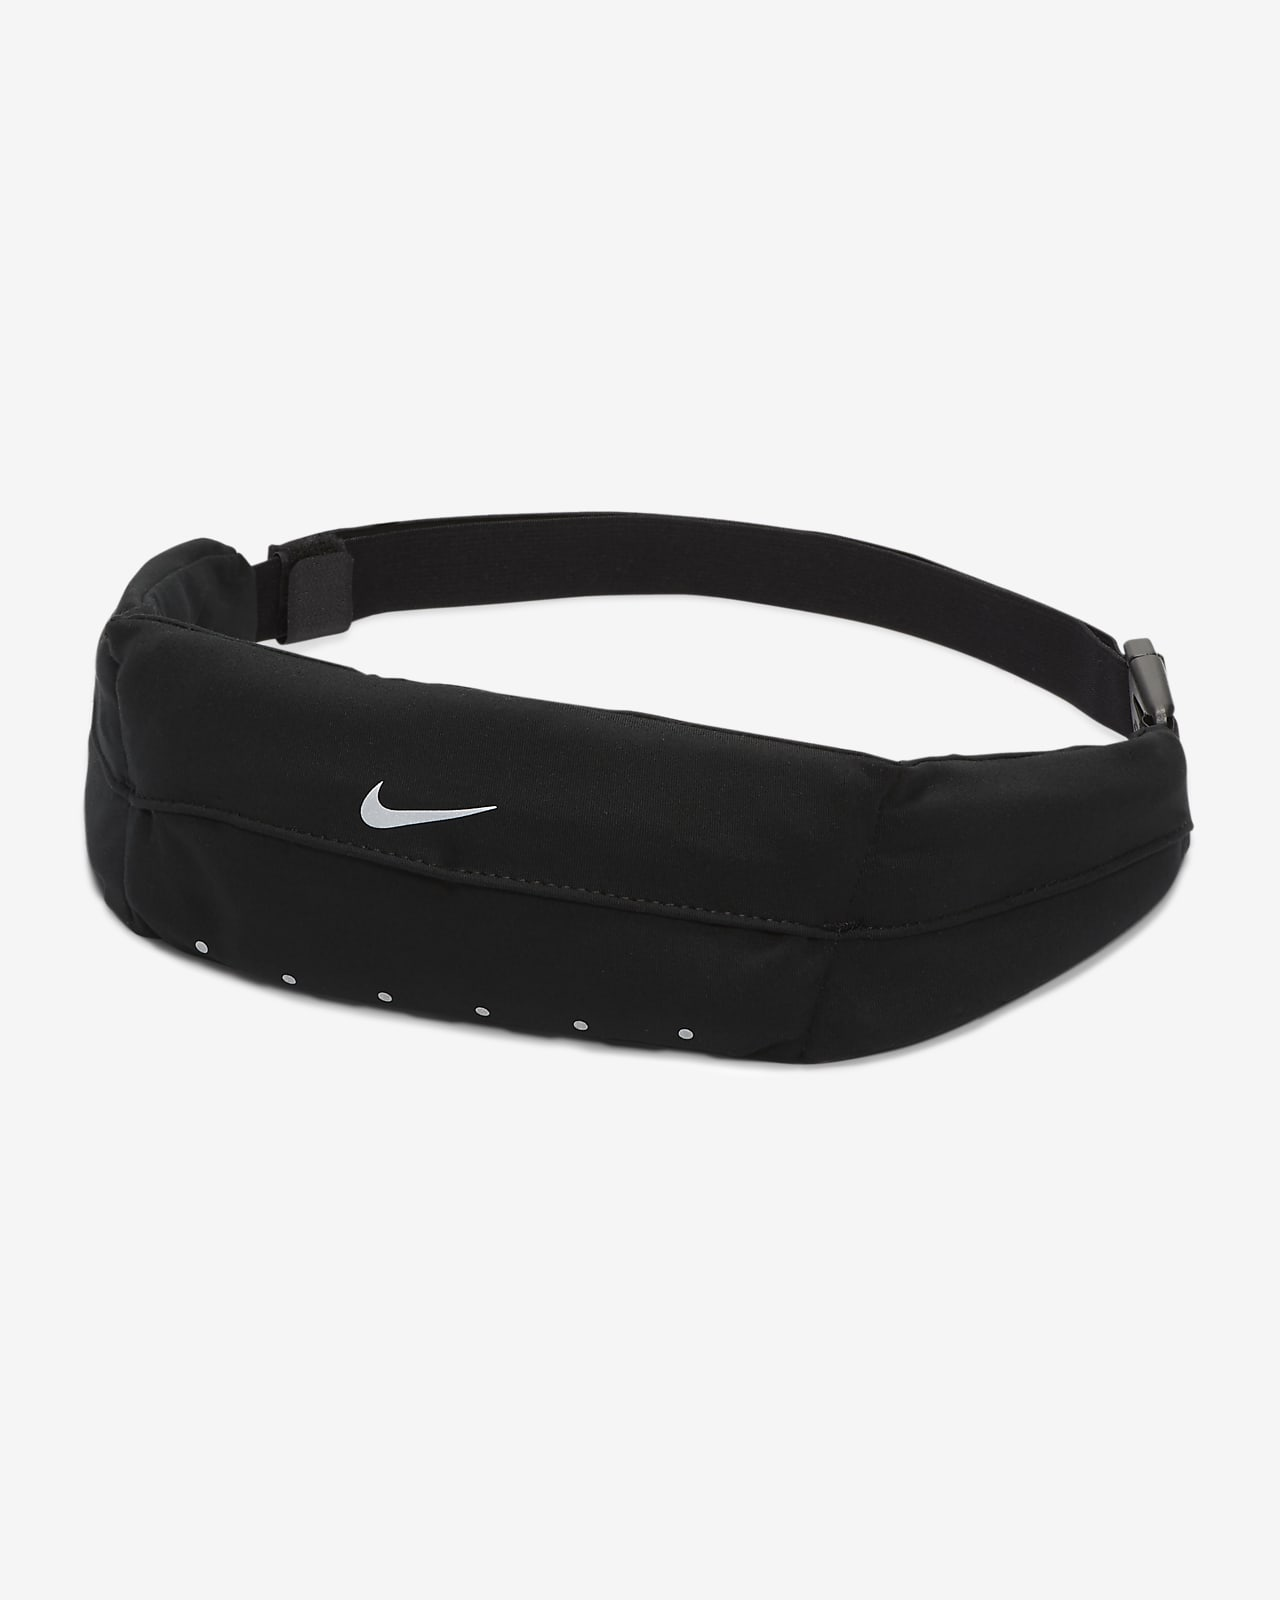 Riñonera Nike Expandable